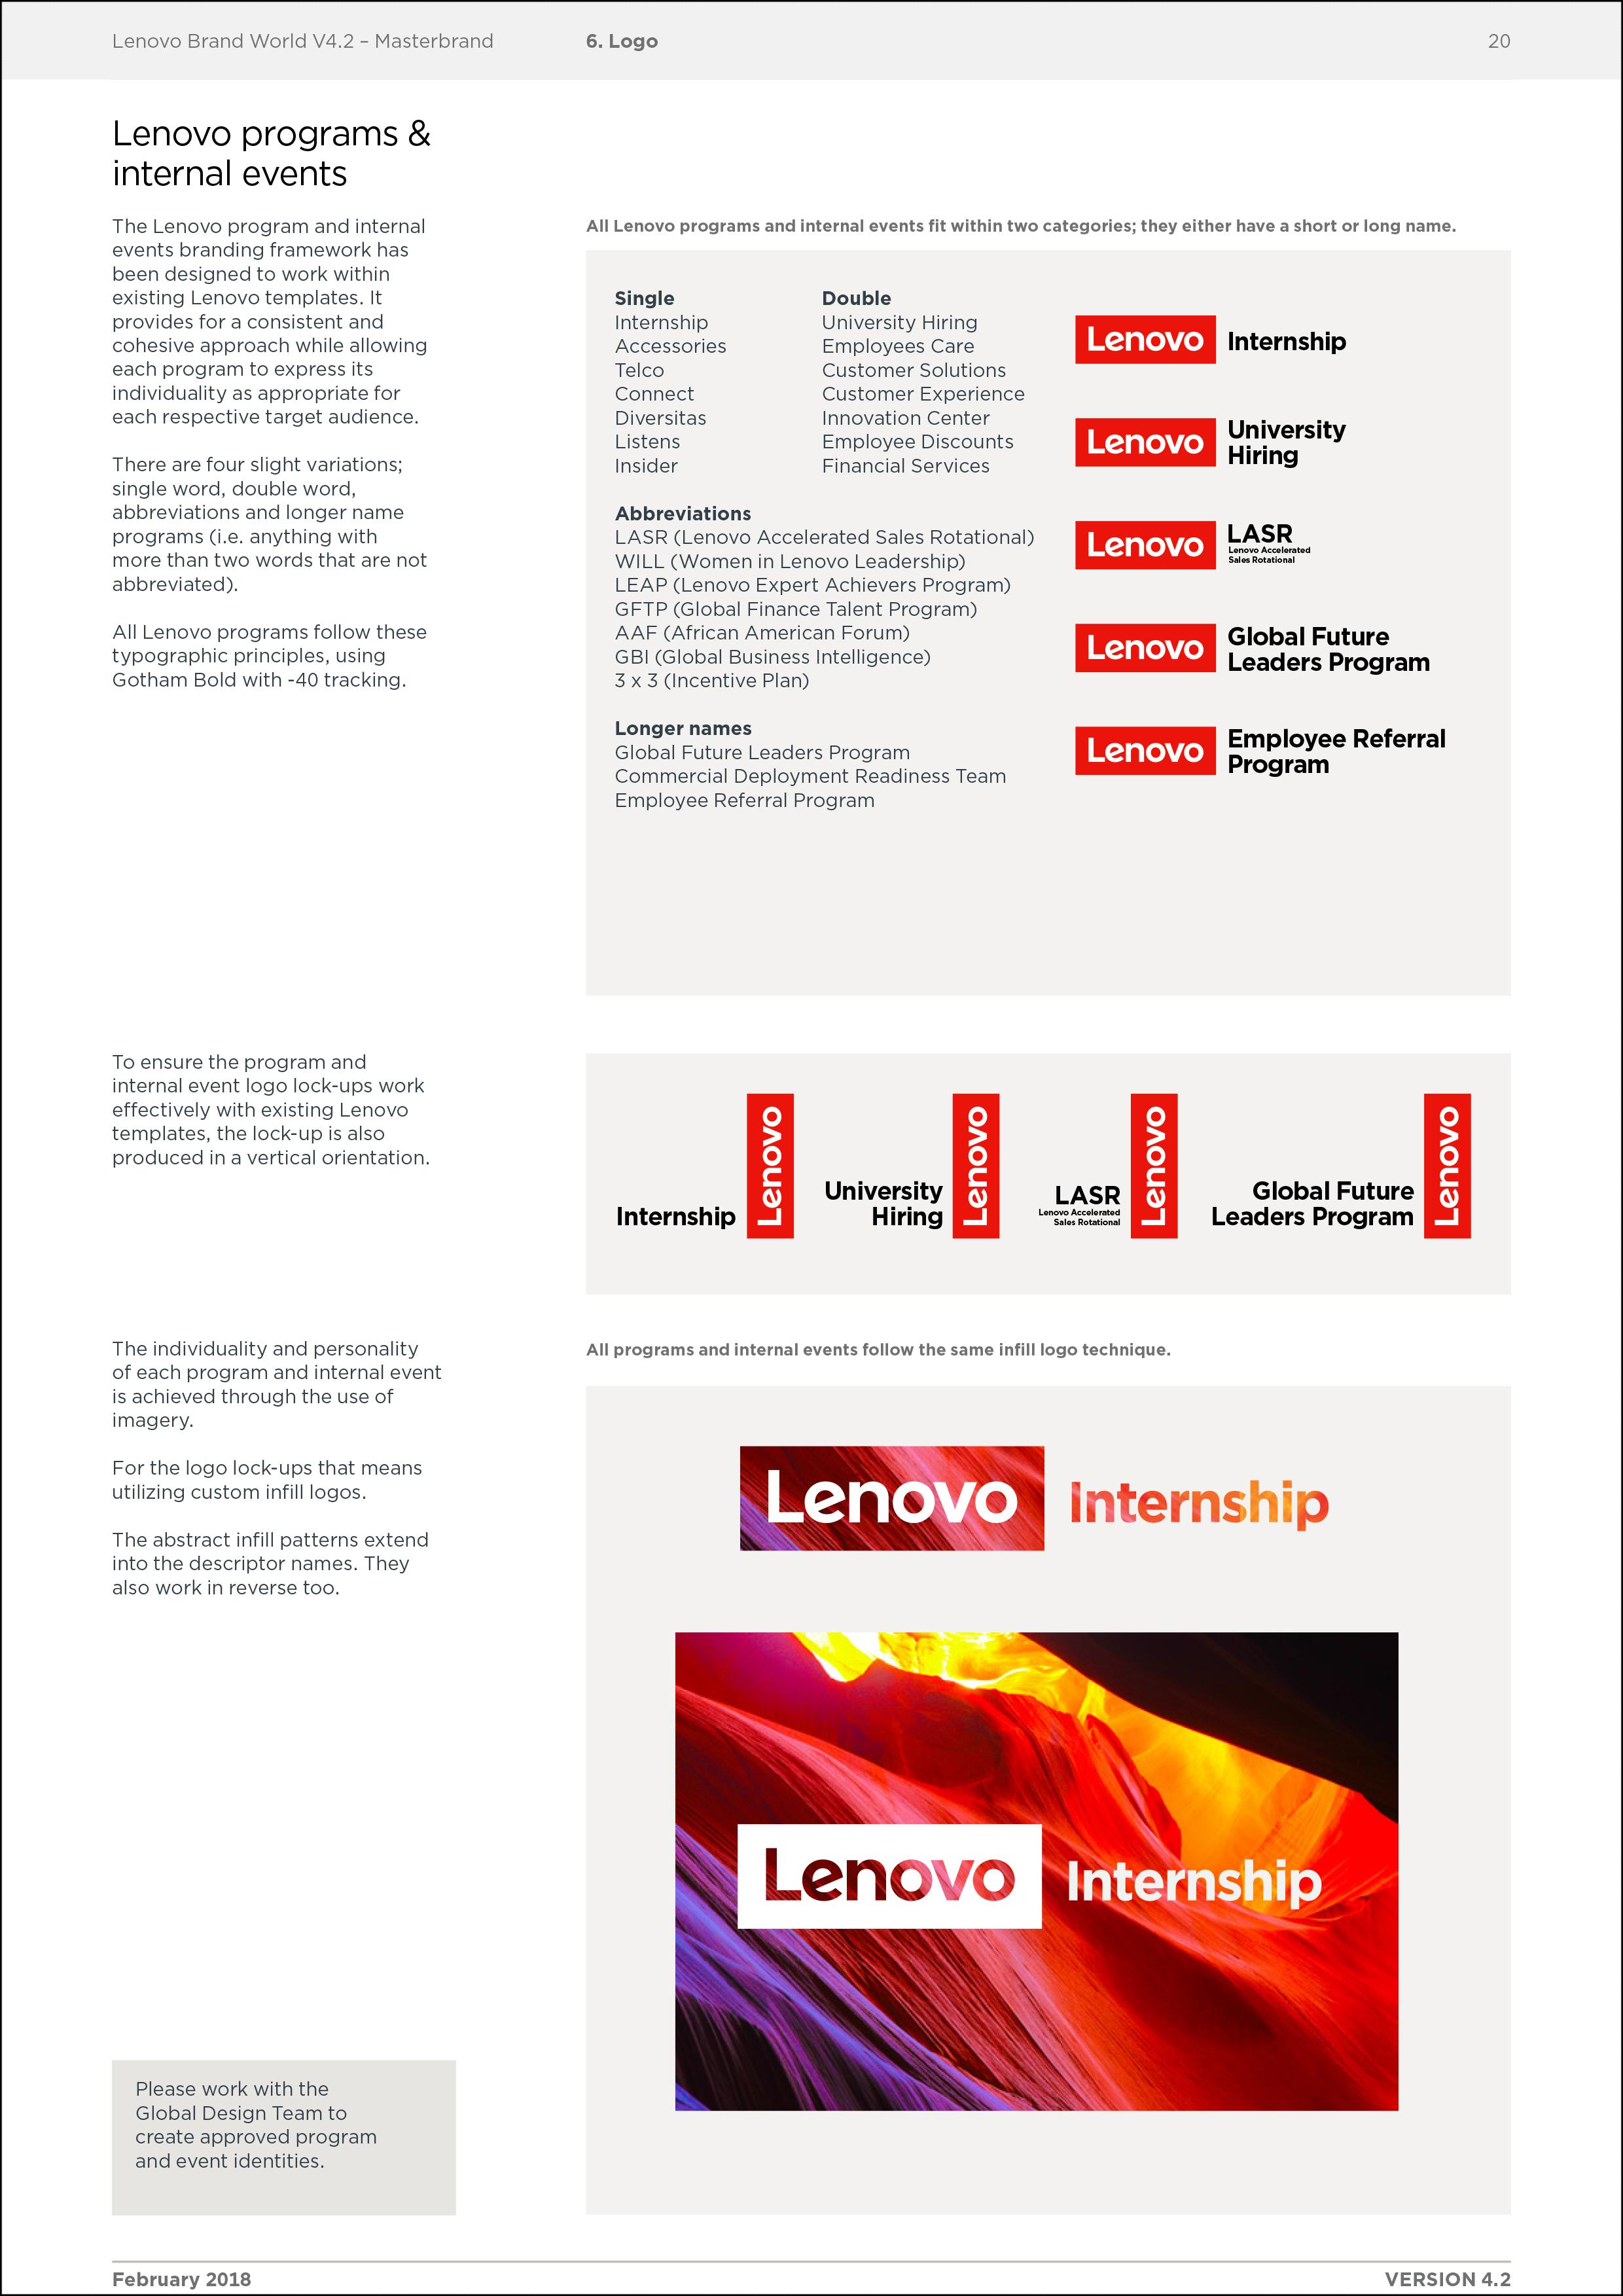 Lenovo_BW17_Masterbrand_V4.2-20-b.jpg